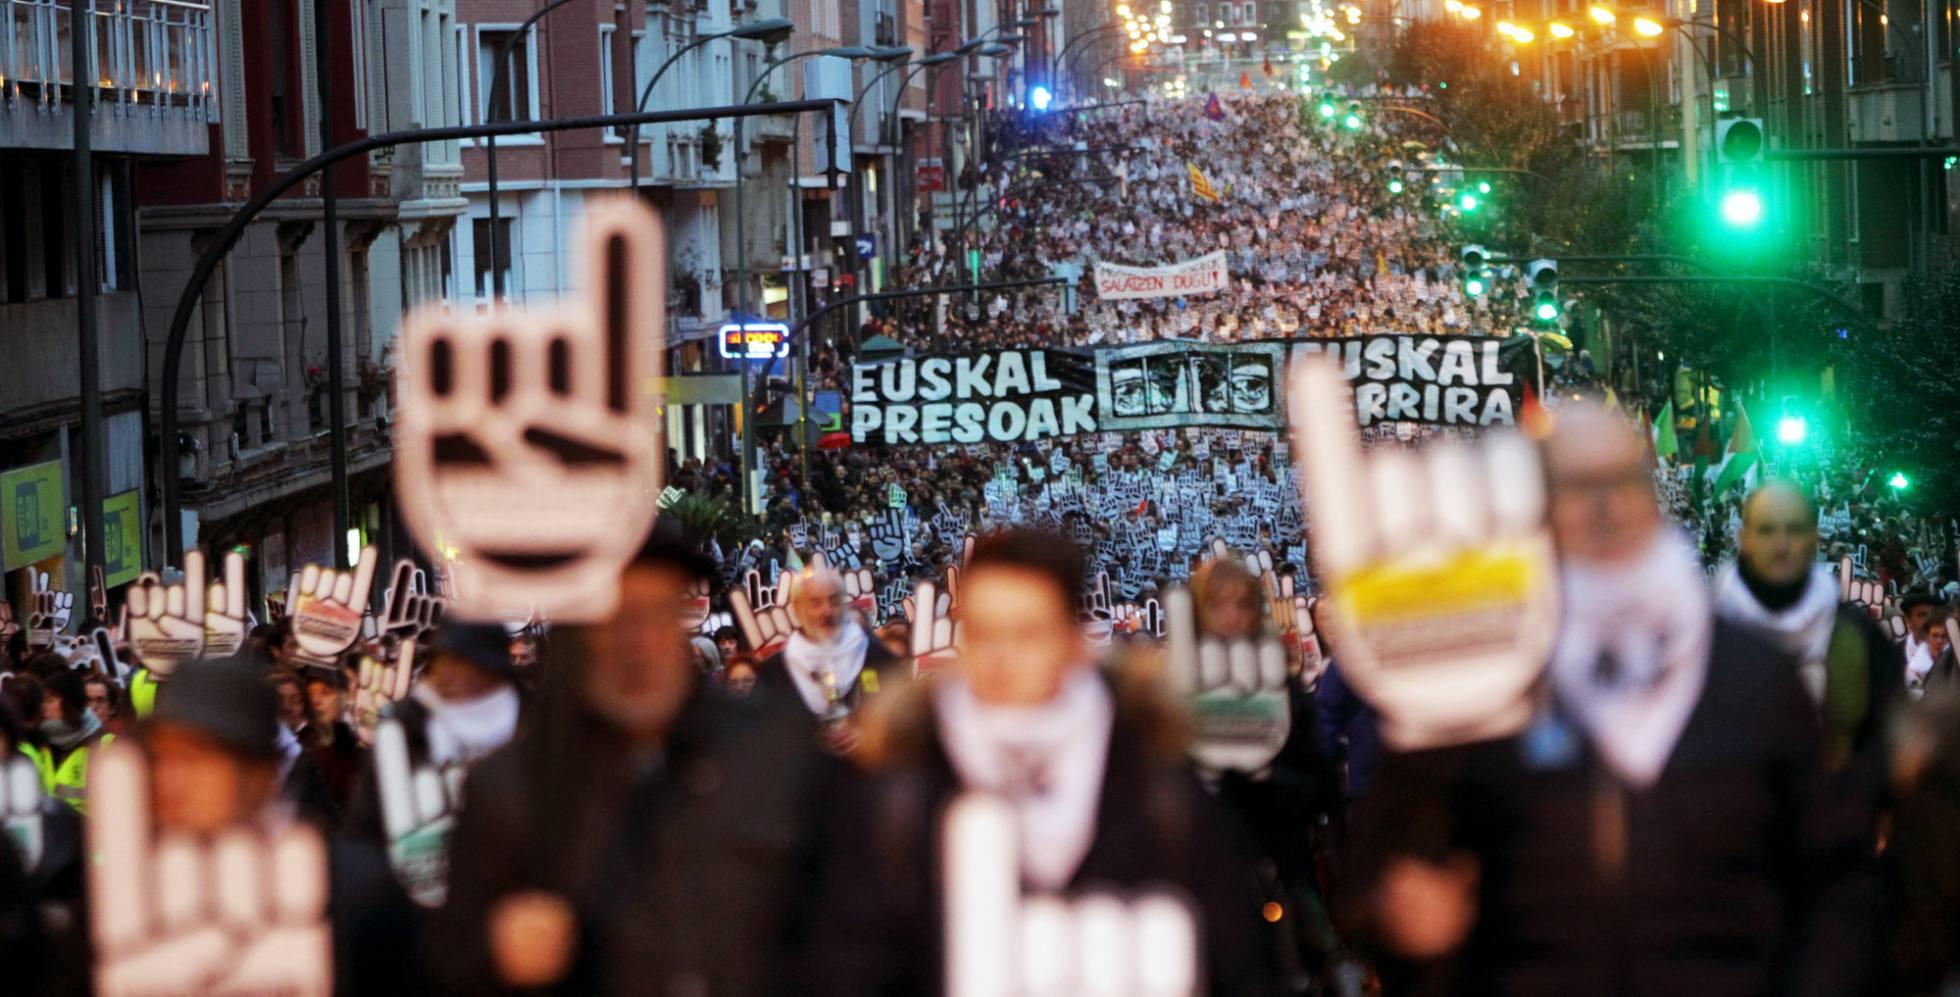 """Euskal Herria: Una multitud exige """"respeto a los derechos"""" de presos y exiliados. [vídeo] - Página 2 1484395523_677702_1484419887_noticia_normal_recorte1"""